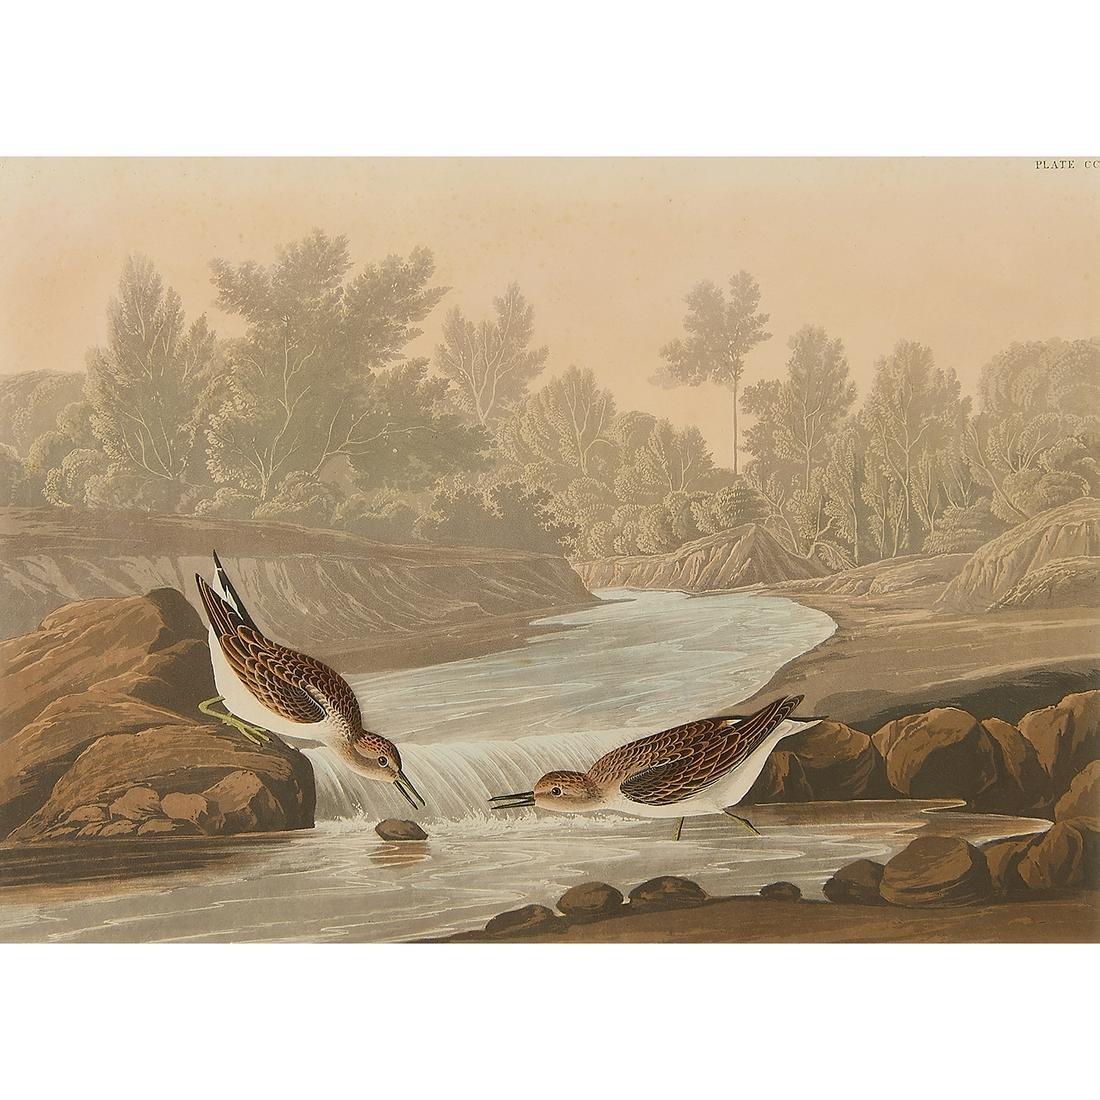 After John James Audubon, Little Sand Piper